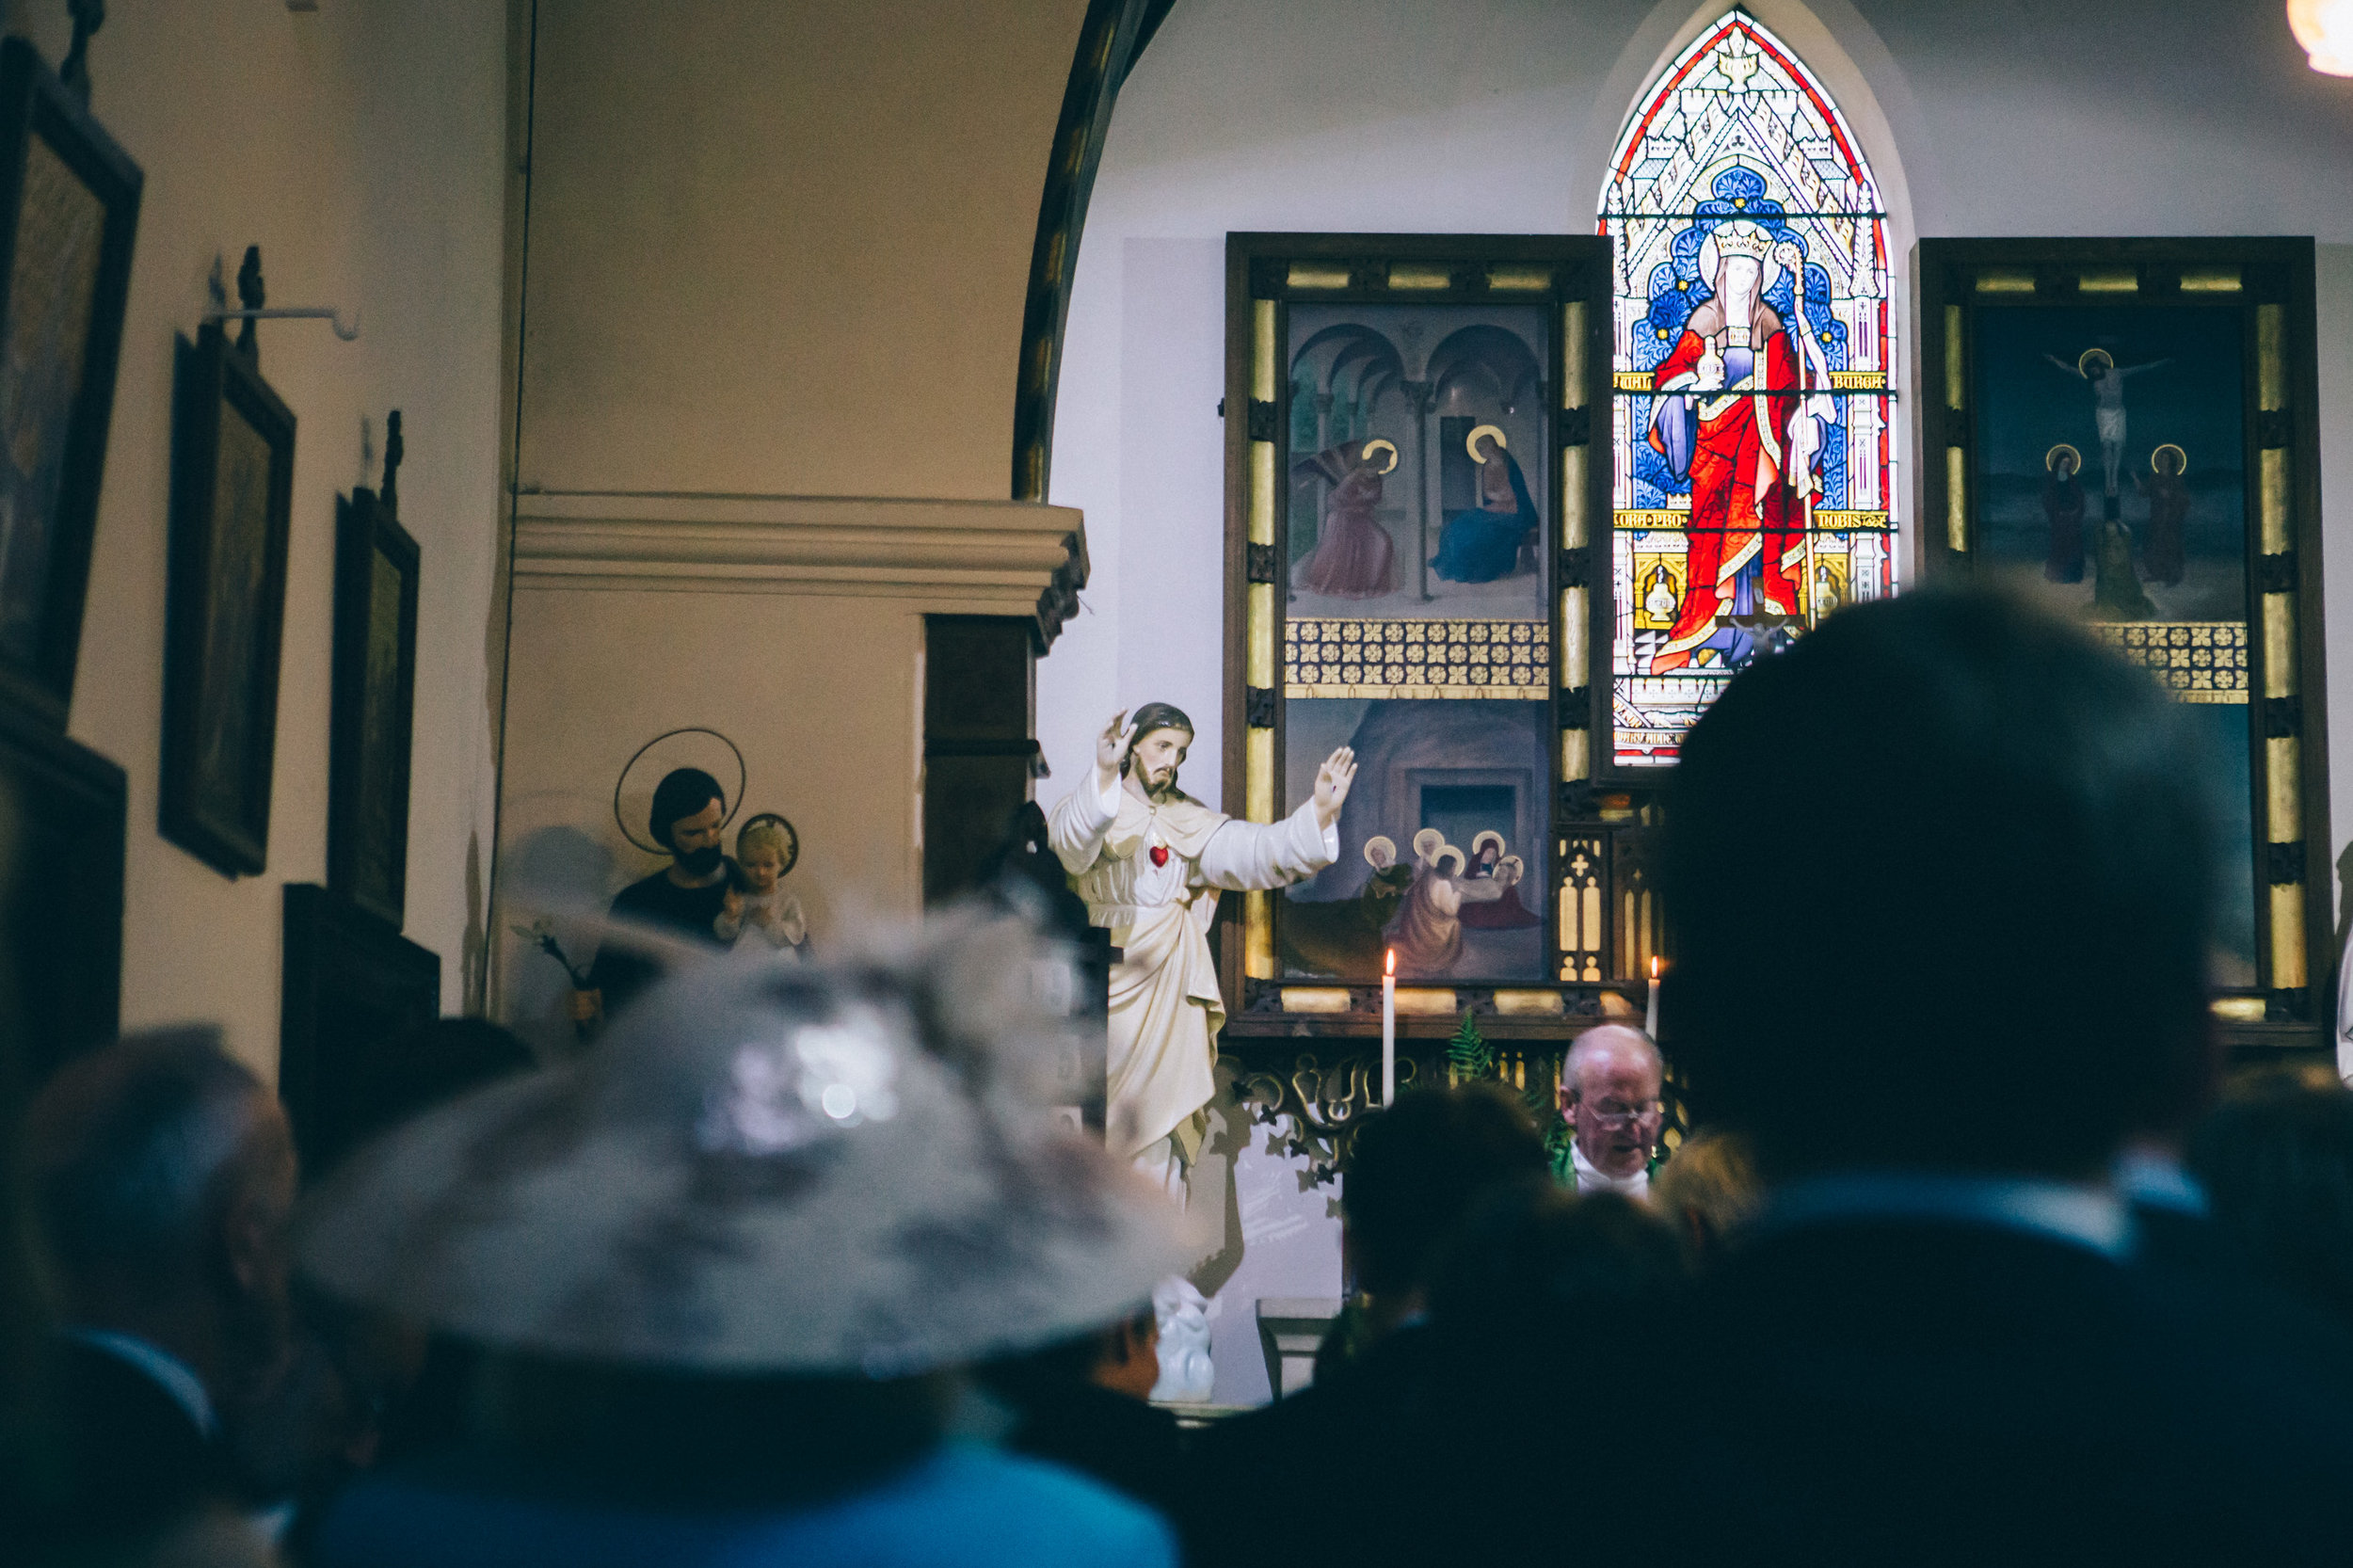 uk wedding photographer artistic wedding photography-66.jpg